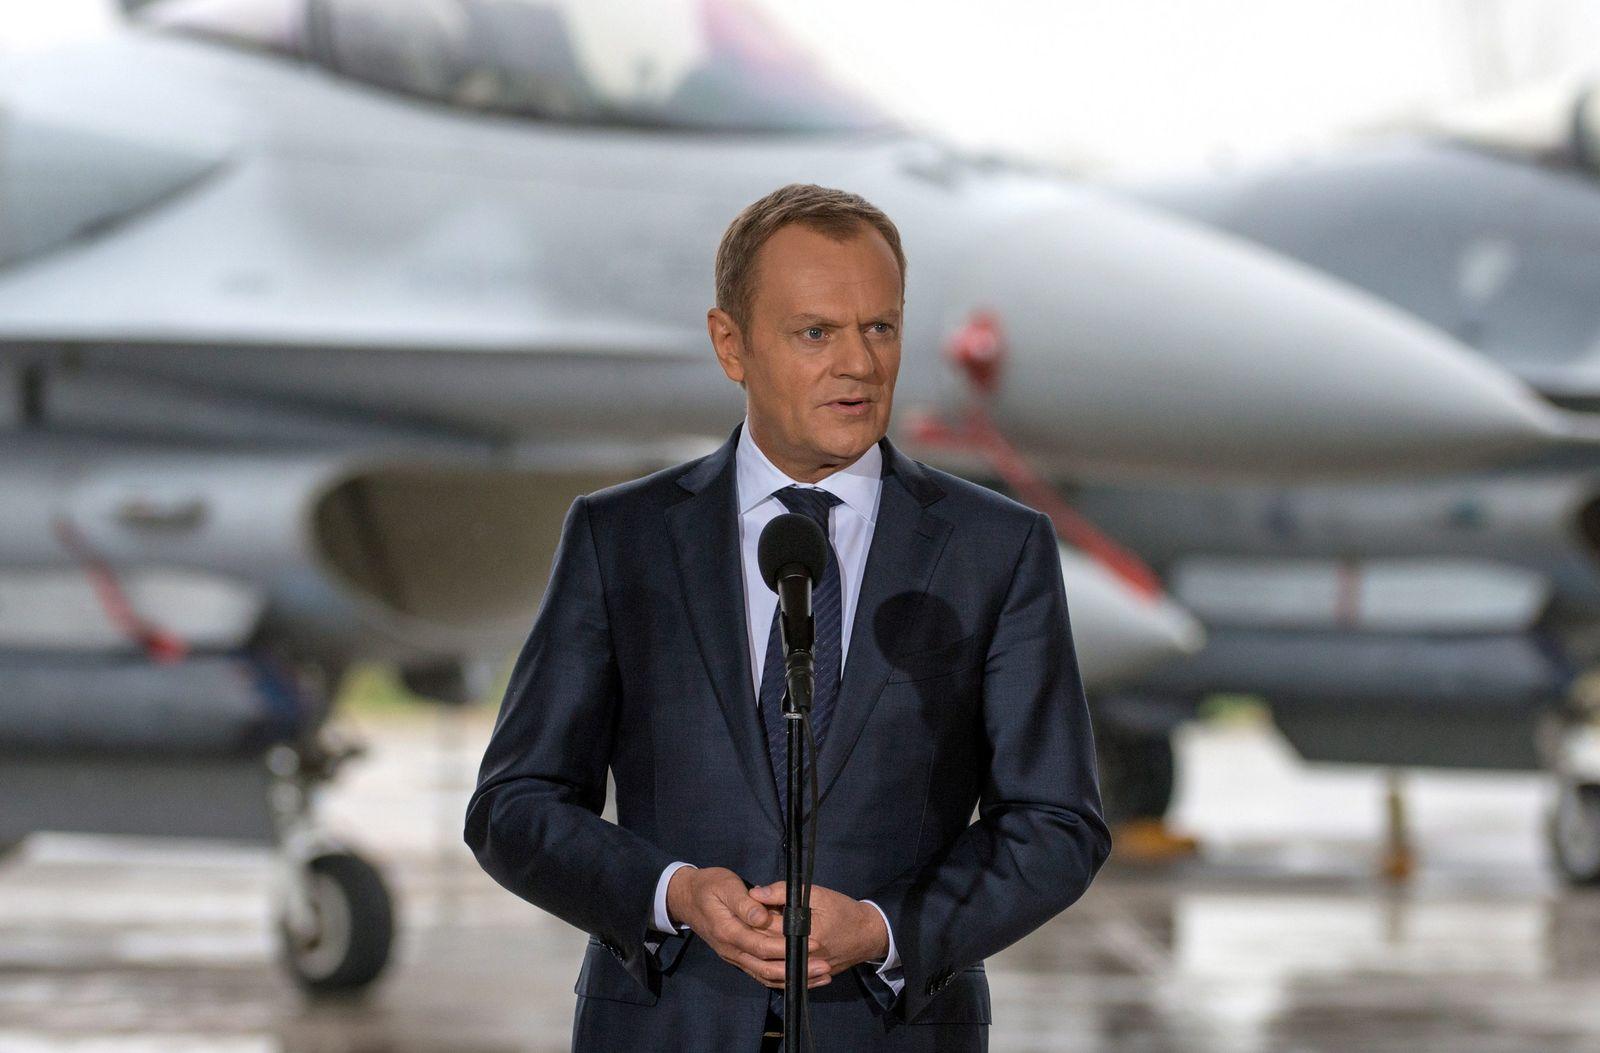 Polish PM Tusk visits Lask Tactical Air Base